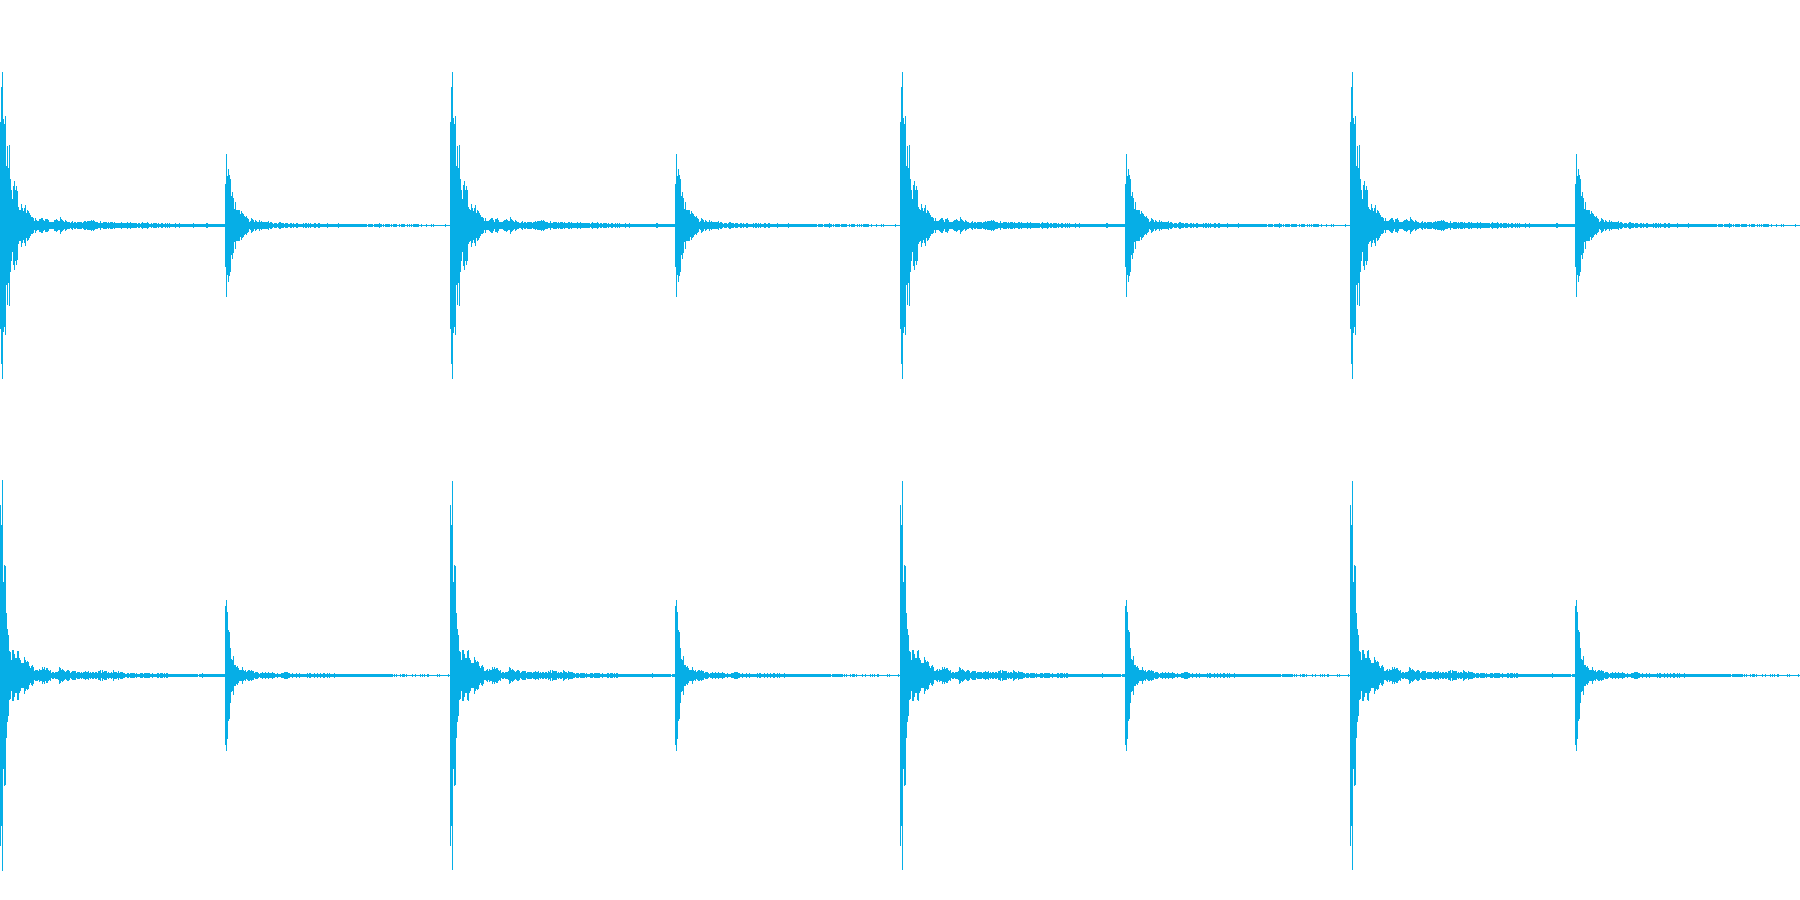 時計、タイマー、ストップウォッチ_A_7の再生済みの波形